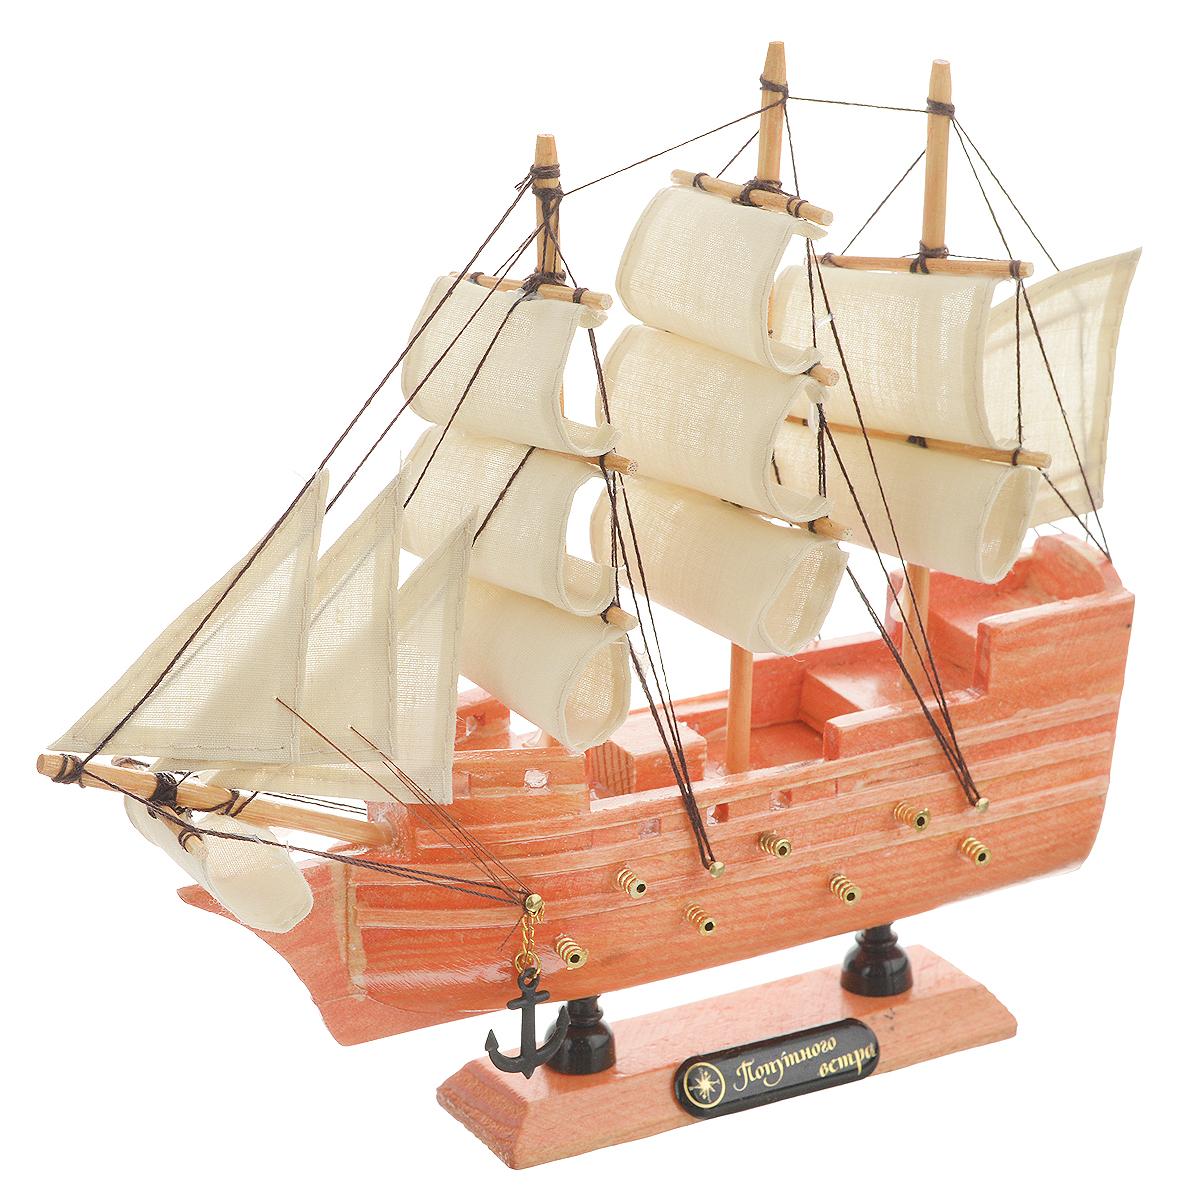 Корабль сувенирный Попутного ветра, длина 20 см. 336336Сувенирный корабль Попутного ветра, изготовленный из дерева и текстиля, это великолепный элемент декора рабочей зоны в офисе или кабинете. Корабль с парусами и якорями помещен на деревянную подставку. Время идет, и мы становимся свидетелями развития технического прогресса, новых учений и практик. Но одно не подвластно времени - это любовь человека к морю и кораблям. Сувенирный корабль наполнен историей и силой океанских вод. Данная модель кораблика станет отличным подарком для всех любителей морей, поклонников историй о покорении океанов и неизведанных земель. Модель корабля - подарок со смыслом. Издавна на Руси считалось, что корабли приносят удачу и везение. Поэтому их изображения, фигурки и точные копии всегда присутствовали в помещениях. Удивите себя и своих близких необычным презентом.